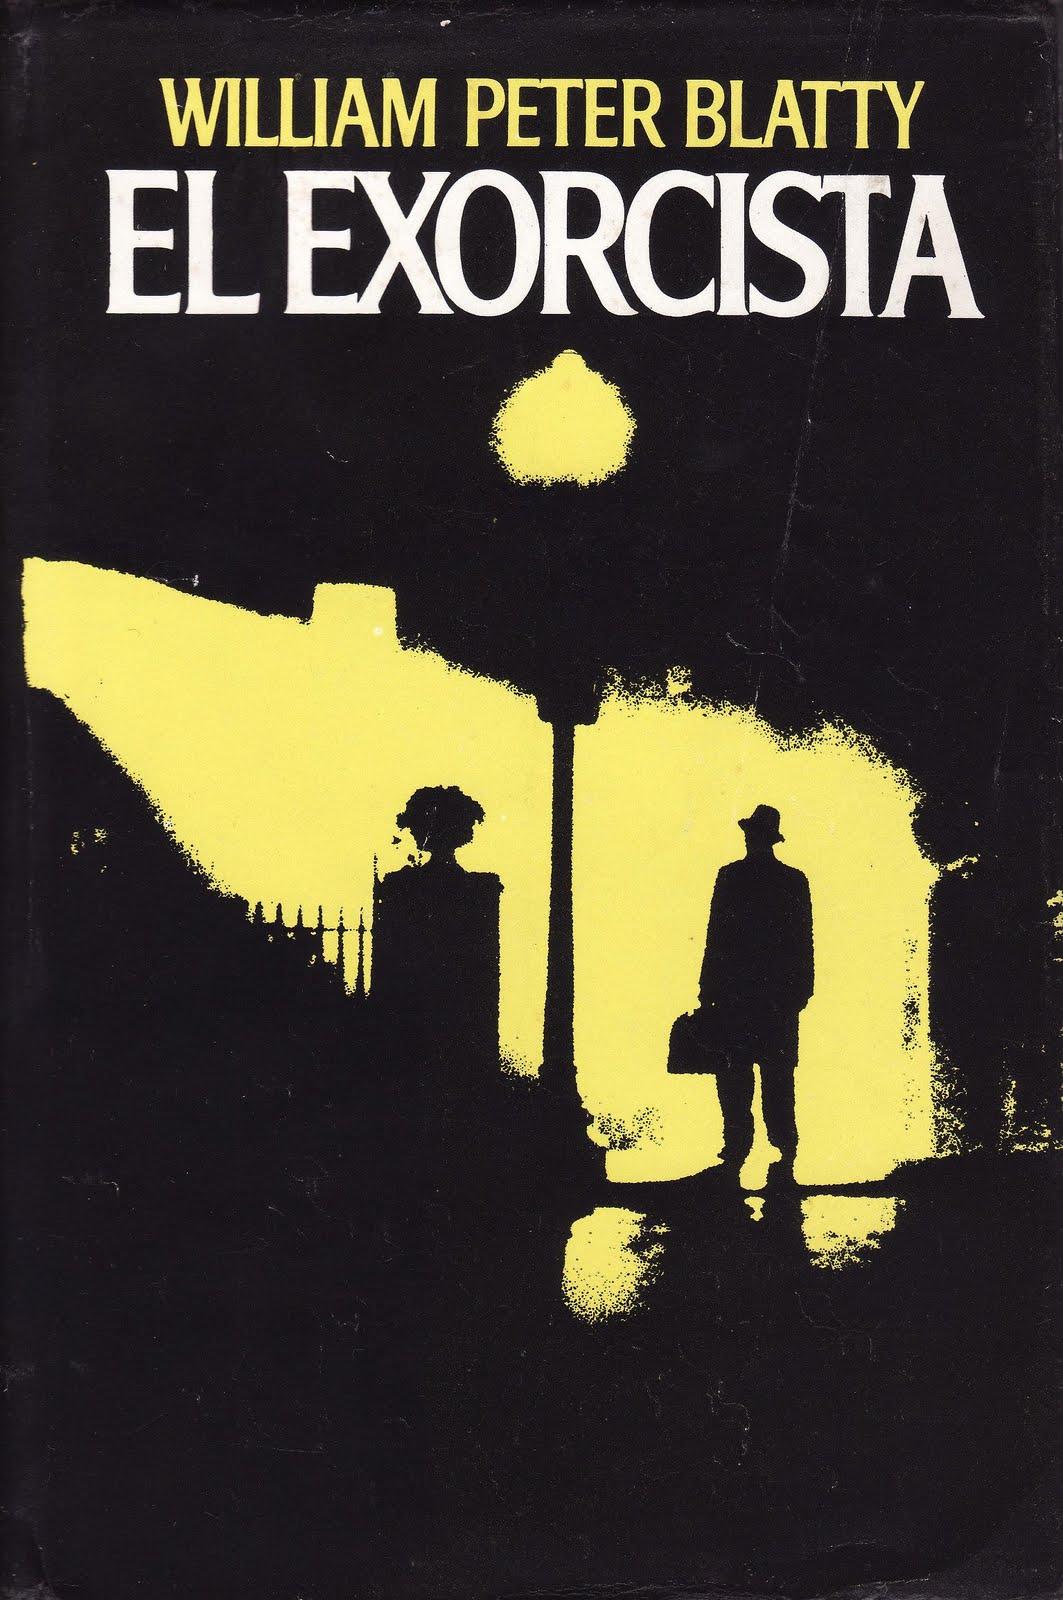 Libros Clásicos de Terror - GRANVALPARAISO